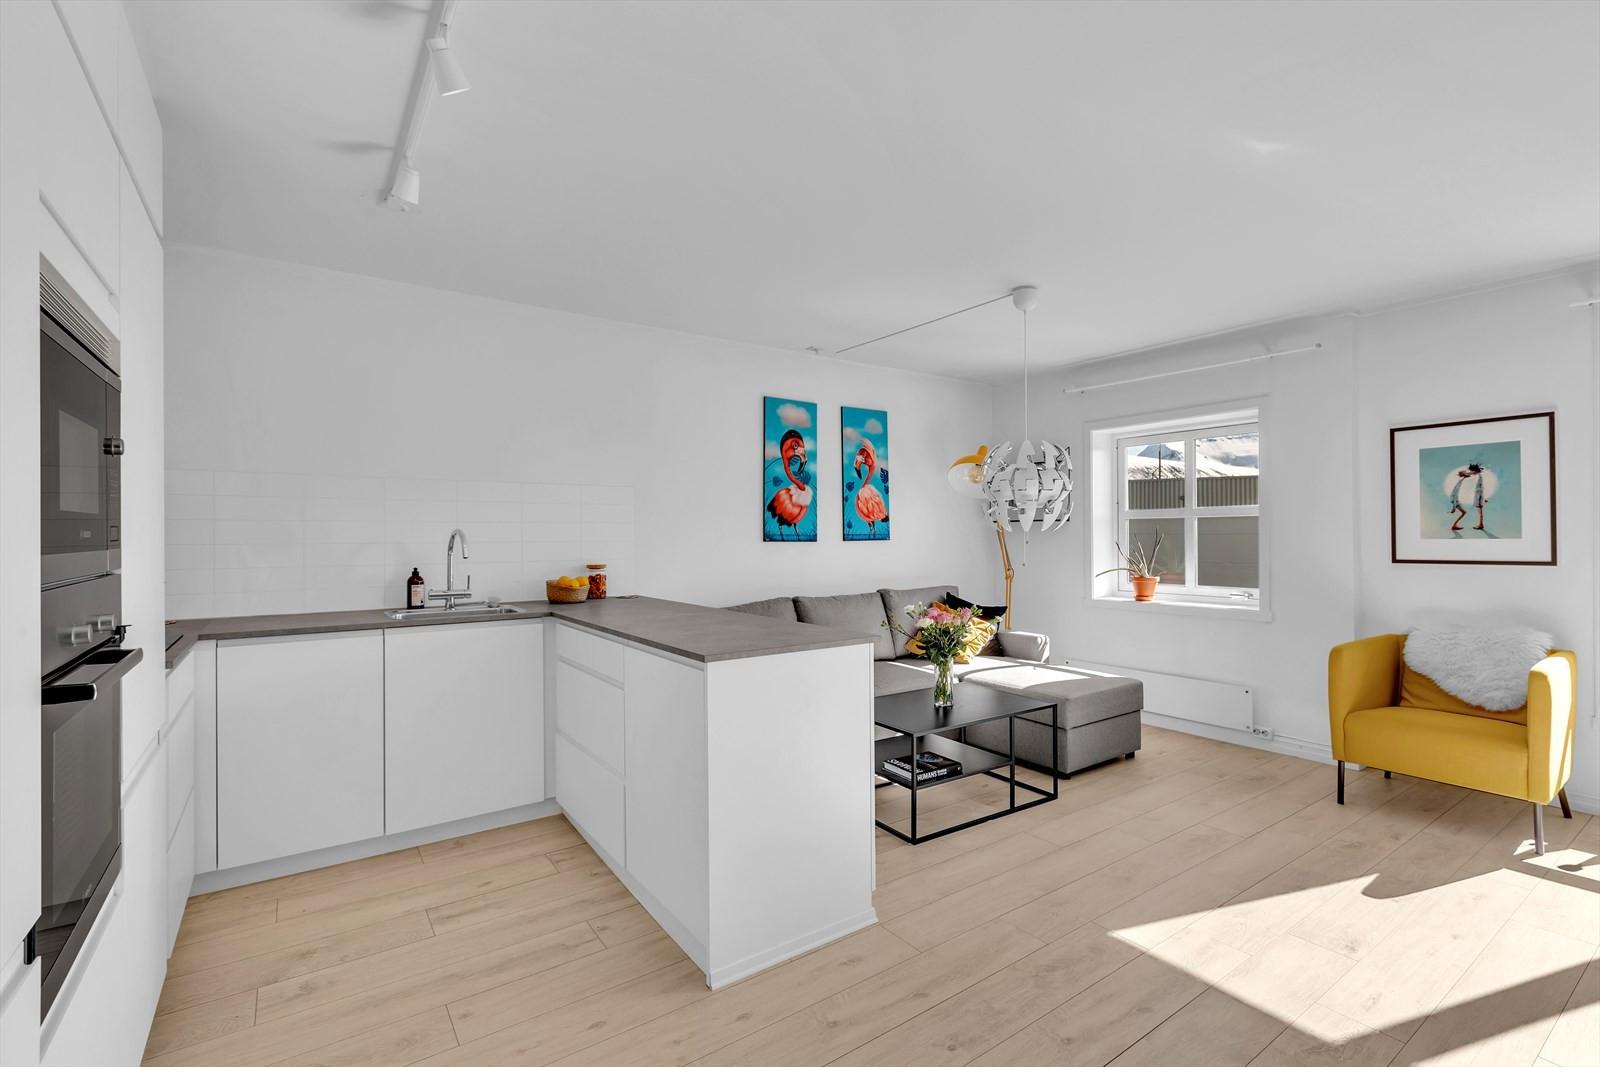 Moderne kjøkken med svært god plass både på benk og i skap.